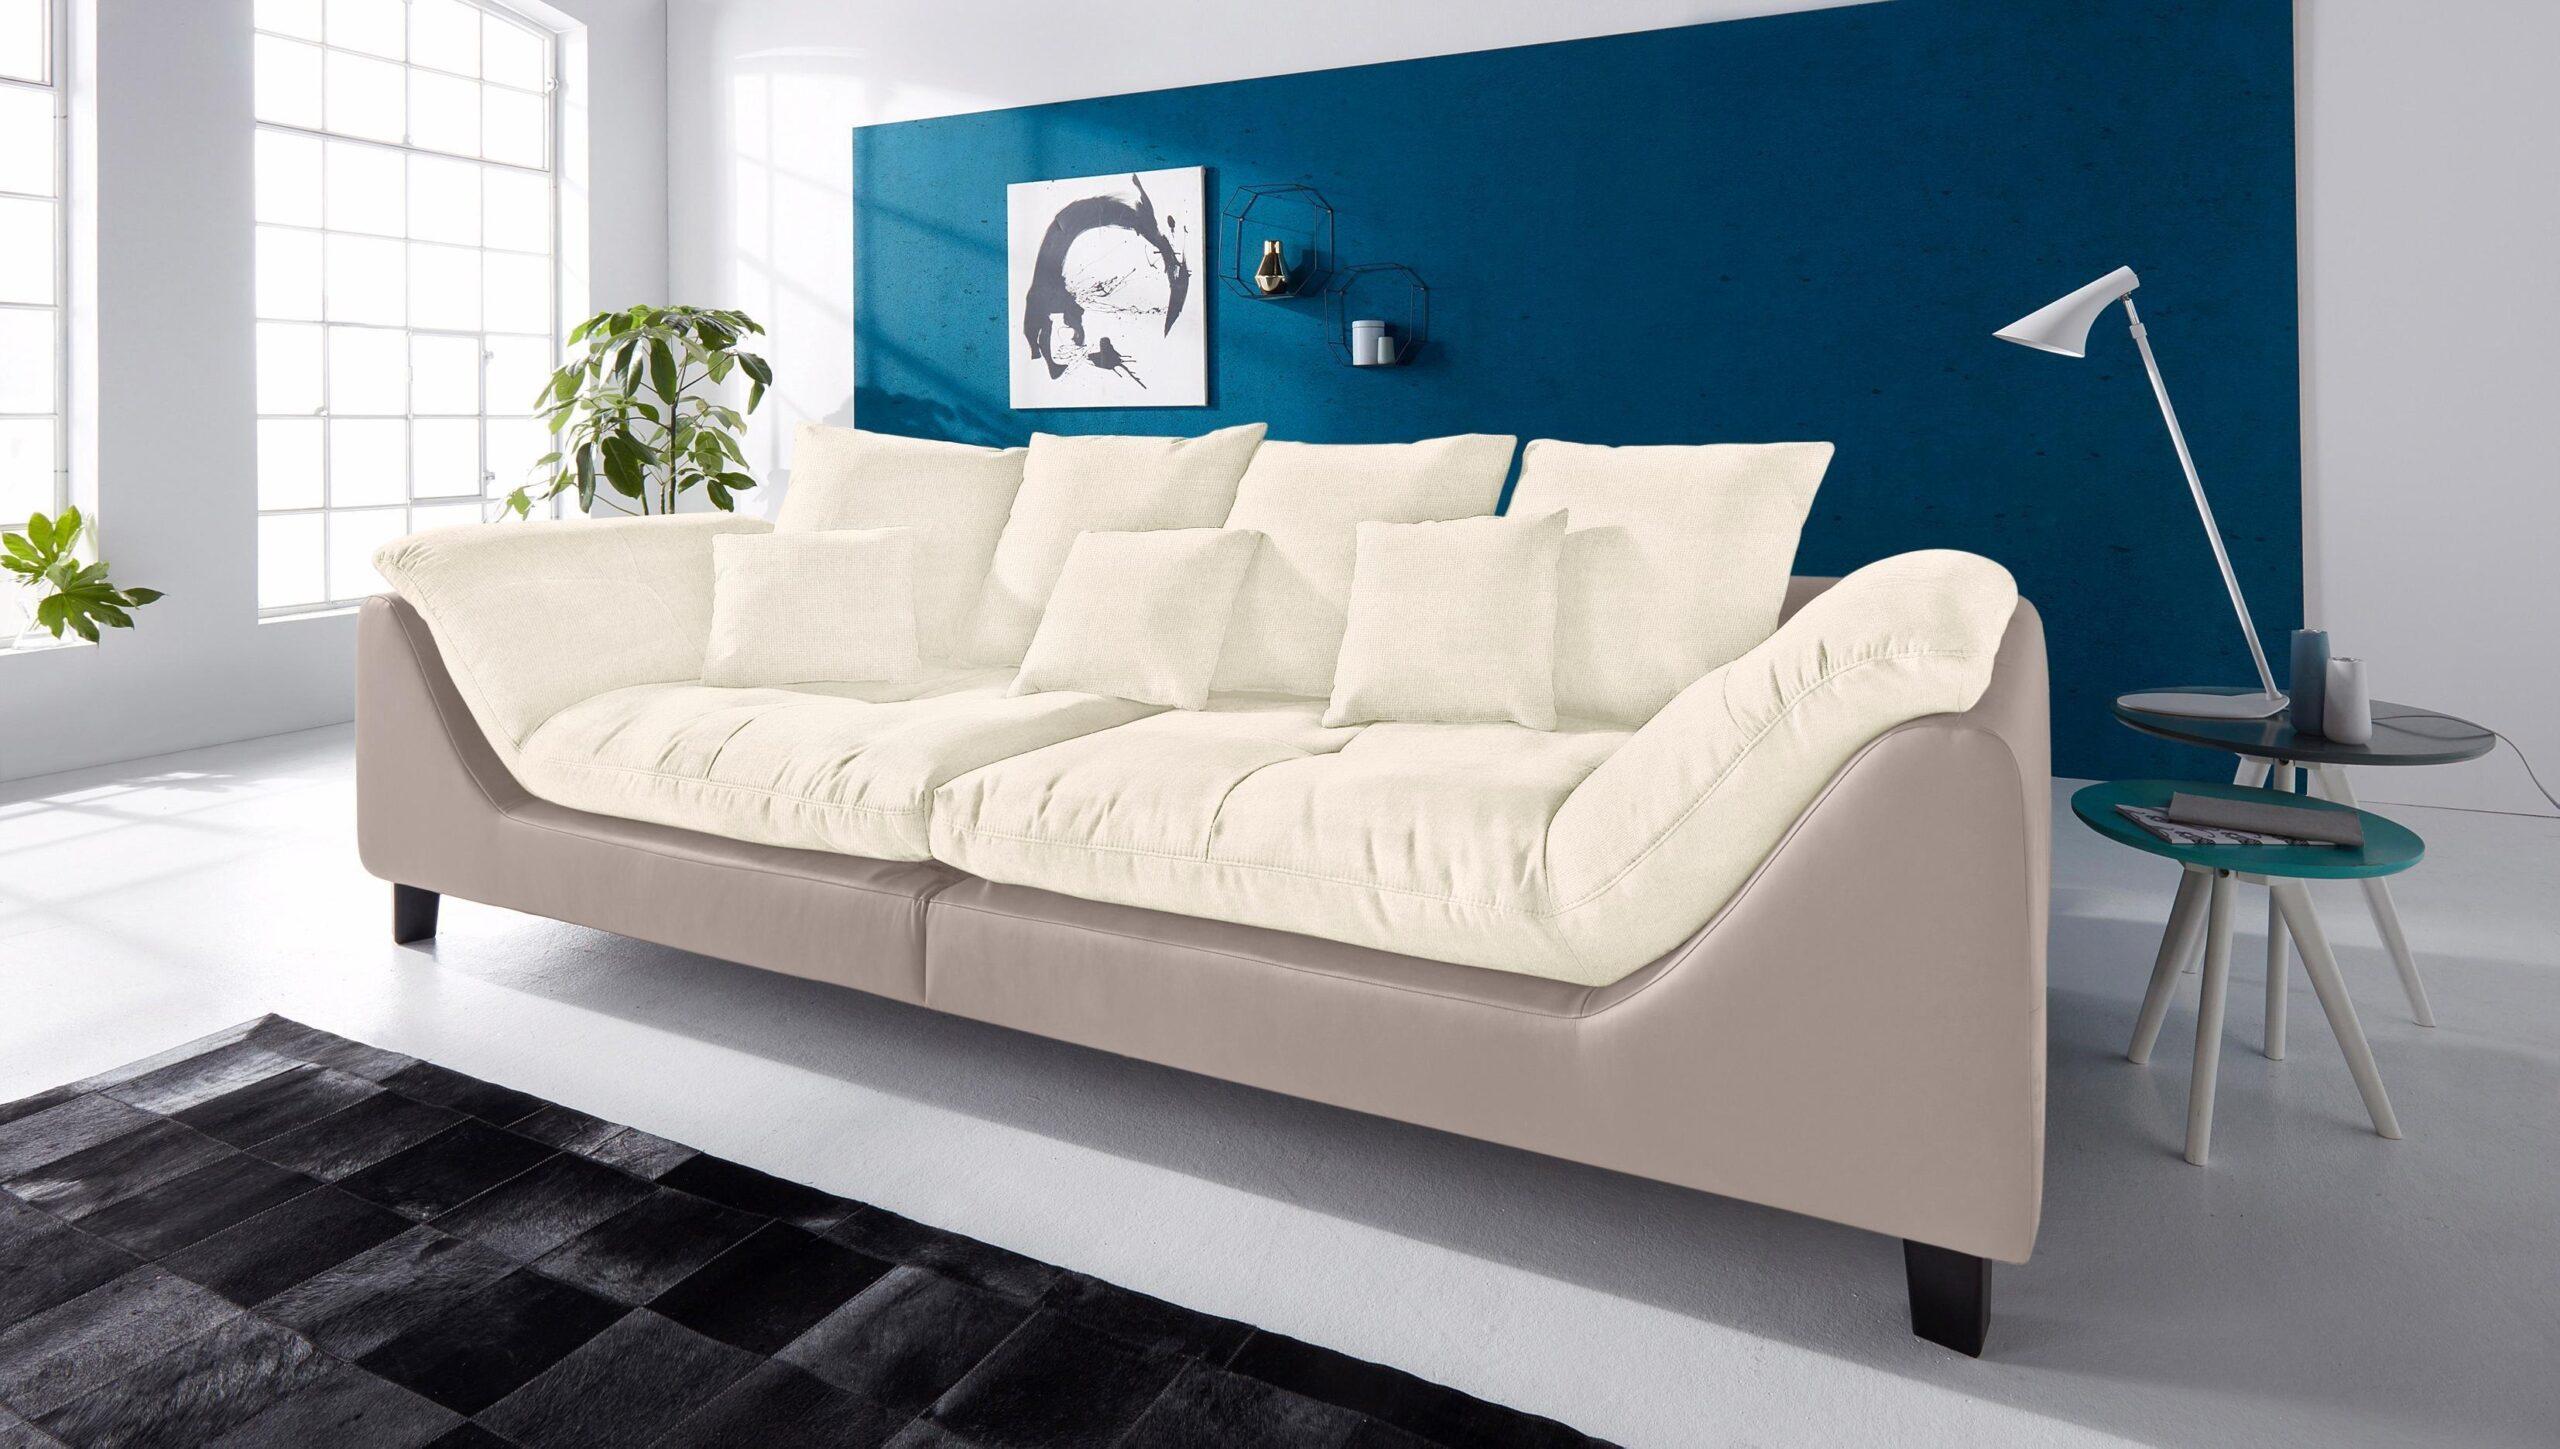 Full Size of Couch Ratenzahlung Mit Schufa Ohne Sofa Auf Ratenkauf Big Raten Kaufen Trotz Rechnung Als Bett Bettkasten 160x200 L Küche Elektrogeräten Esstisch Stühlen Wohnzimmer Couch Ratenzahlung Mit Schufa